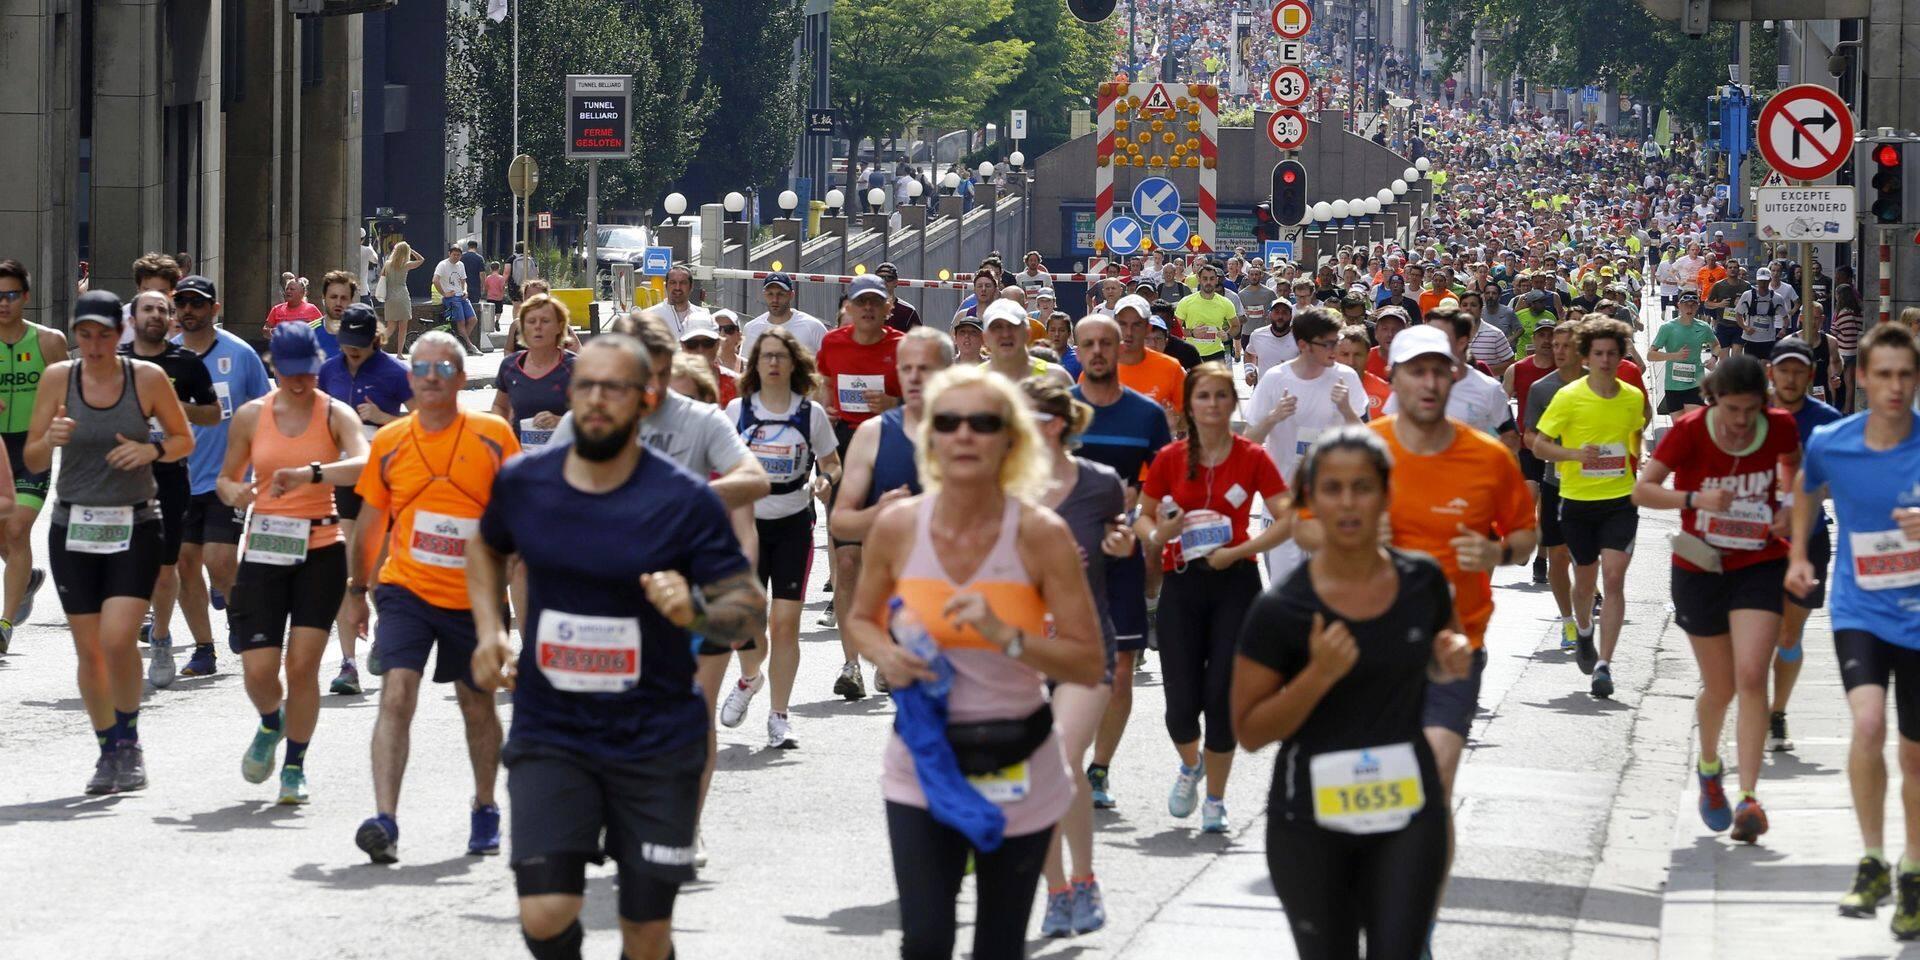 Officiel : les 20 Km de Bruxelles 2021 confirmés le dimanche 12 septembre